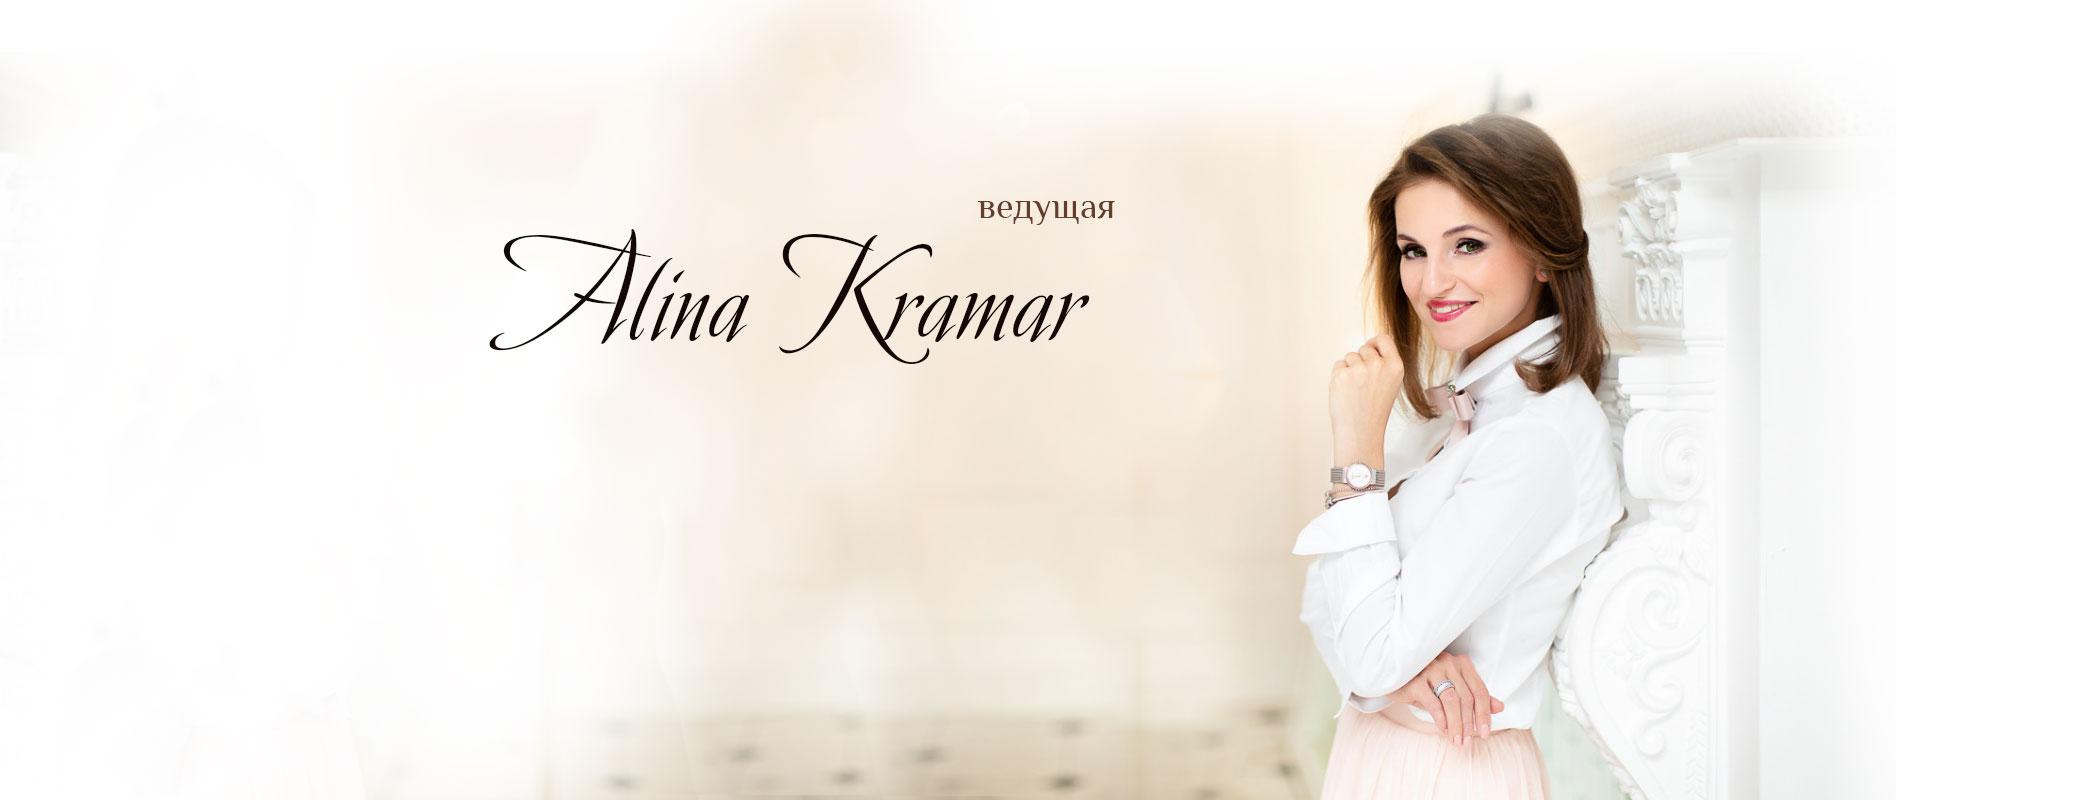 Alina Kramar - Eventmoderatorin